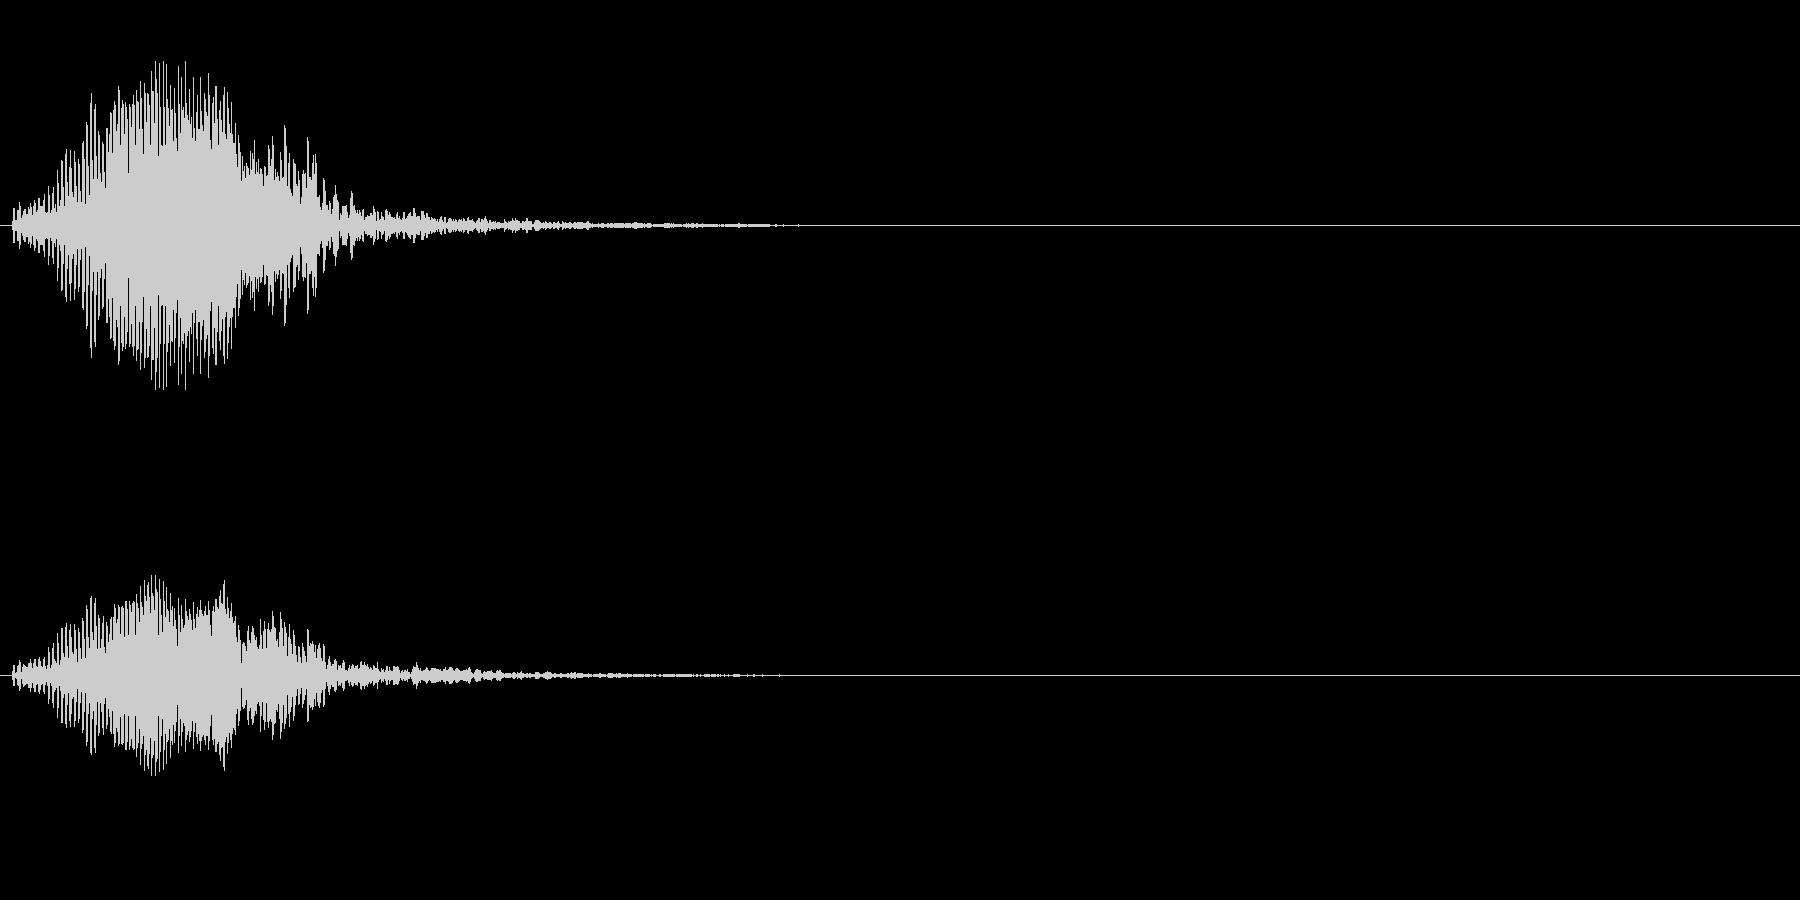 ハシブトガラスの鳴き声(夕方に鳴く)の未再生の波形